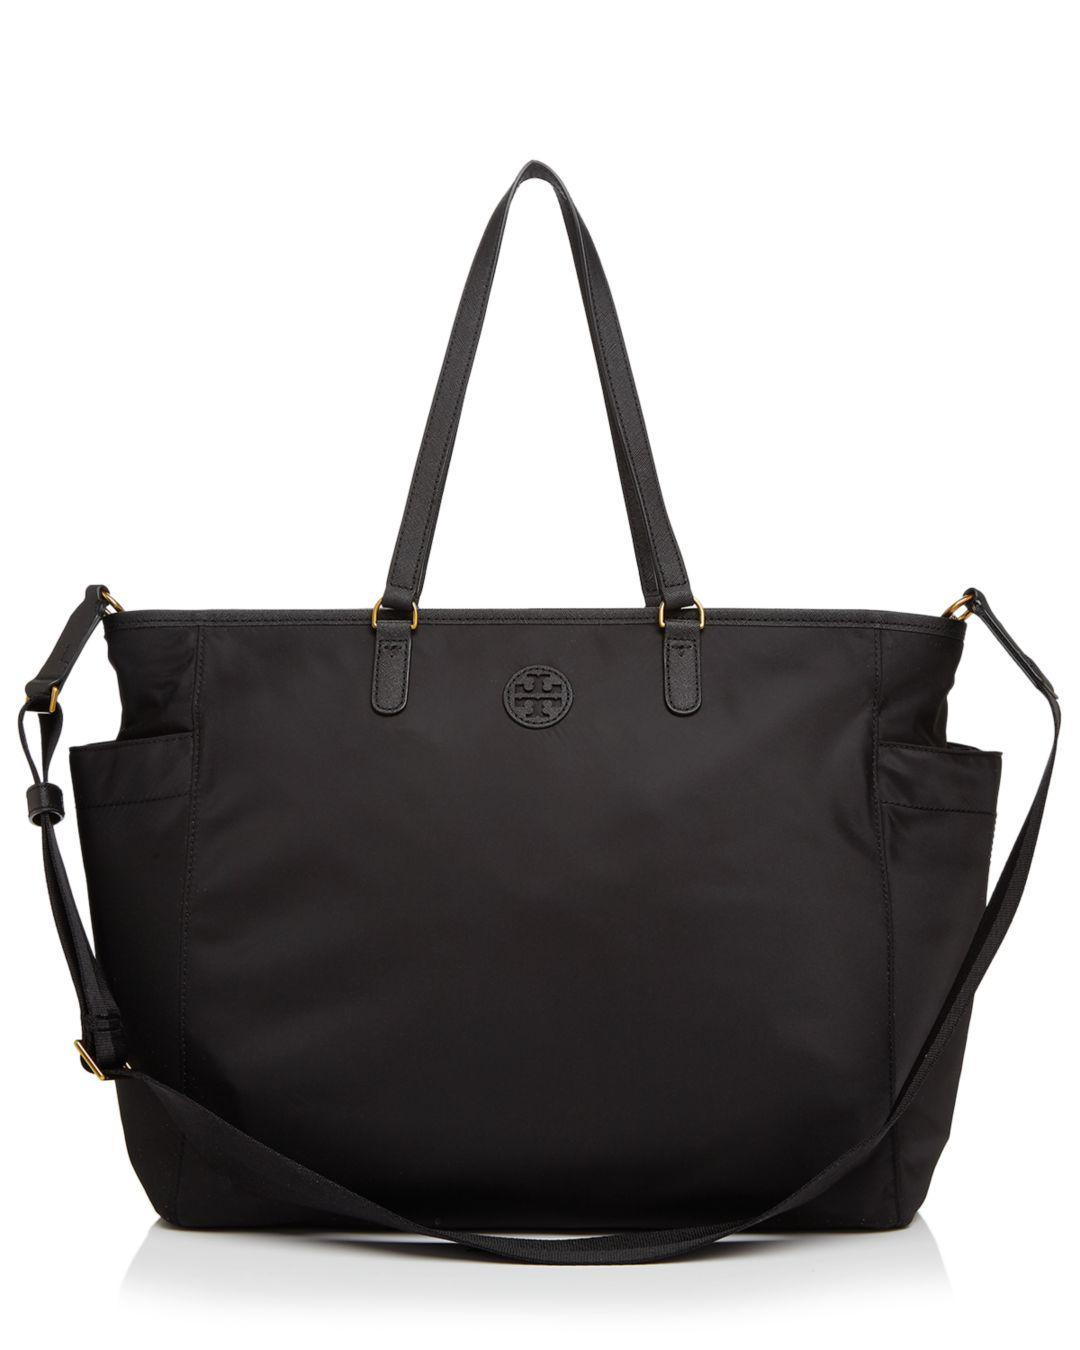 7f40667496f9 Lyst - Tory Burch Scout Nylon Diaper Bag in Black